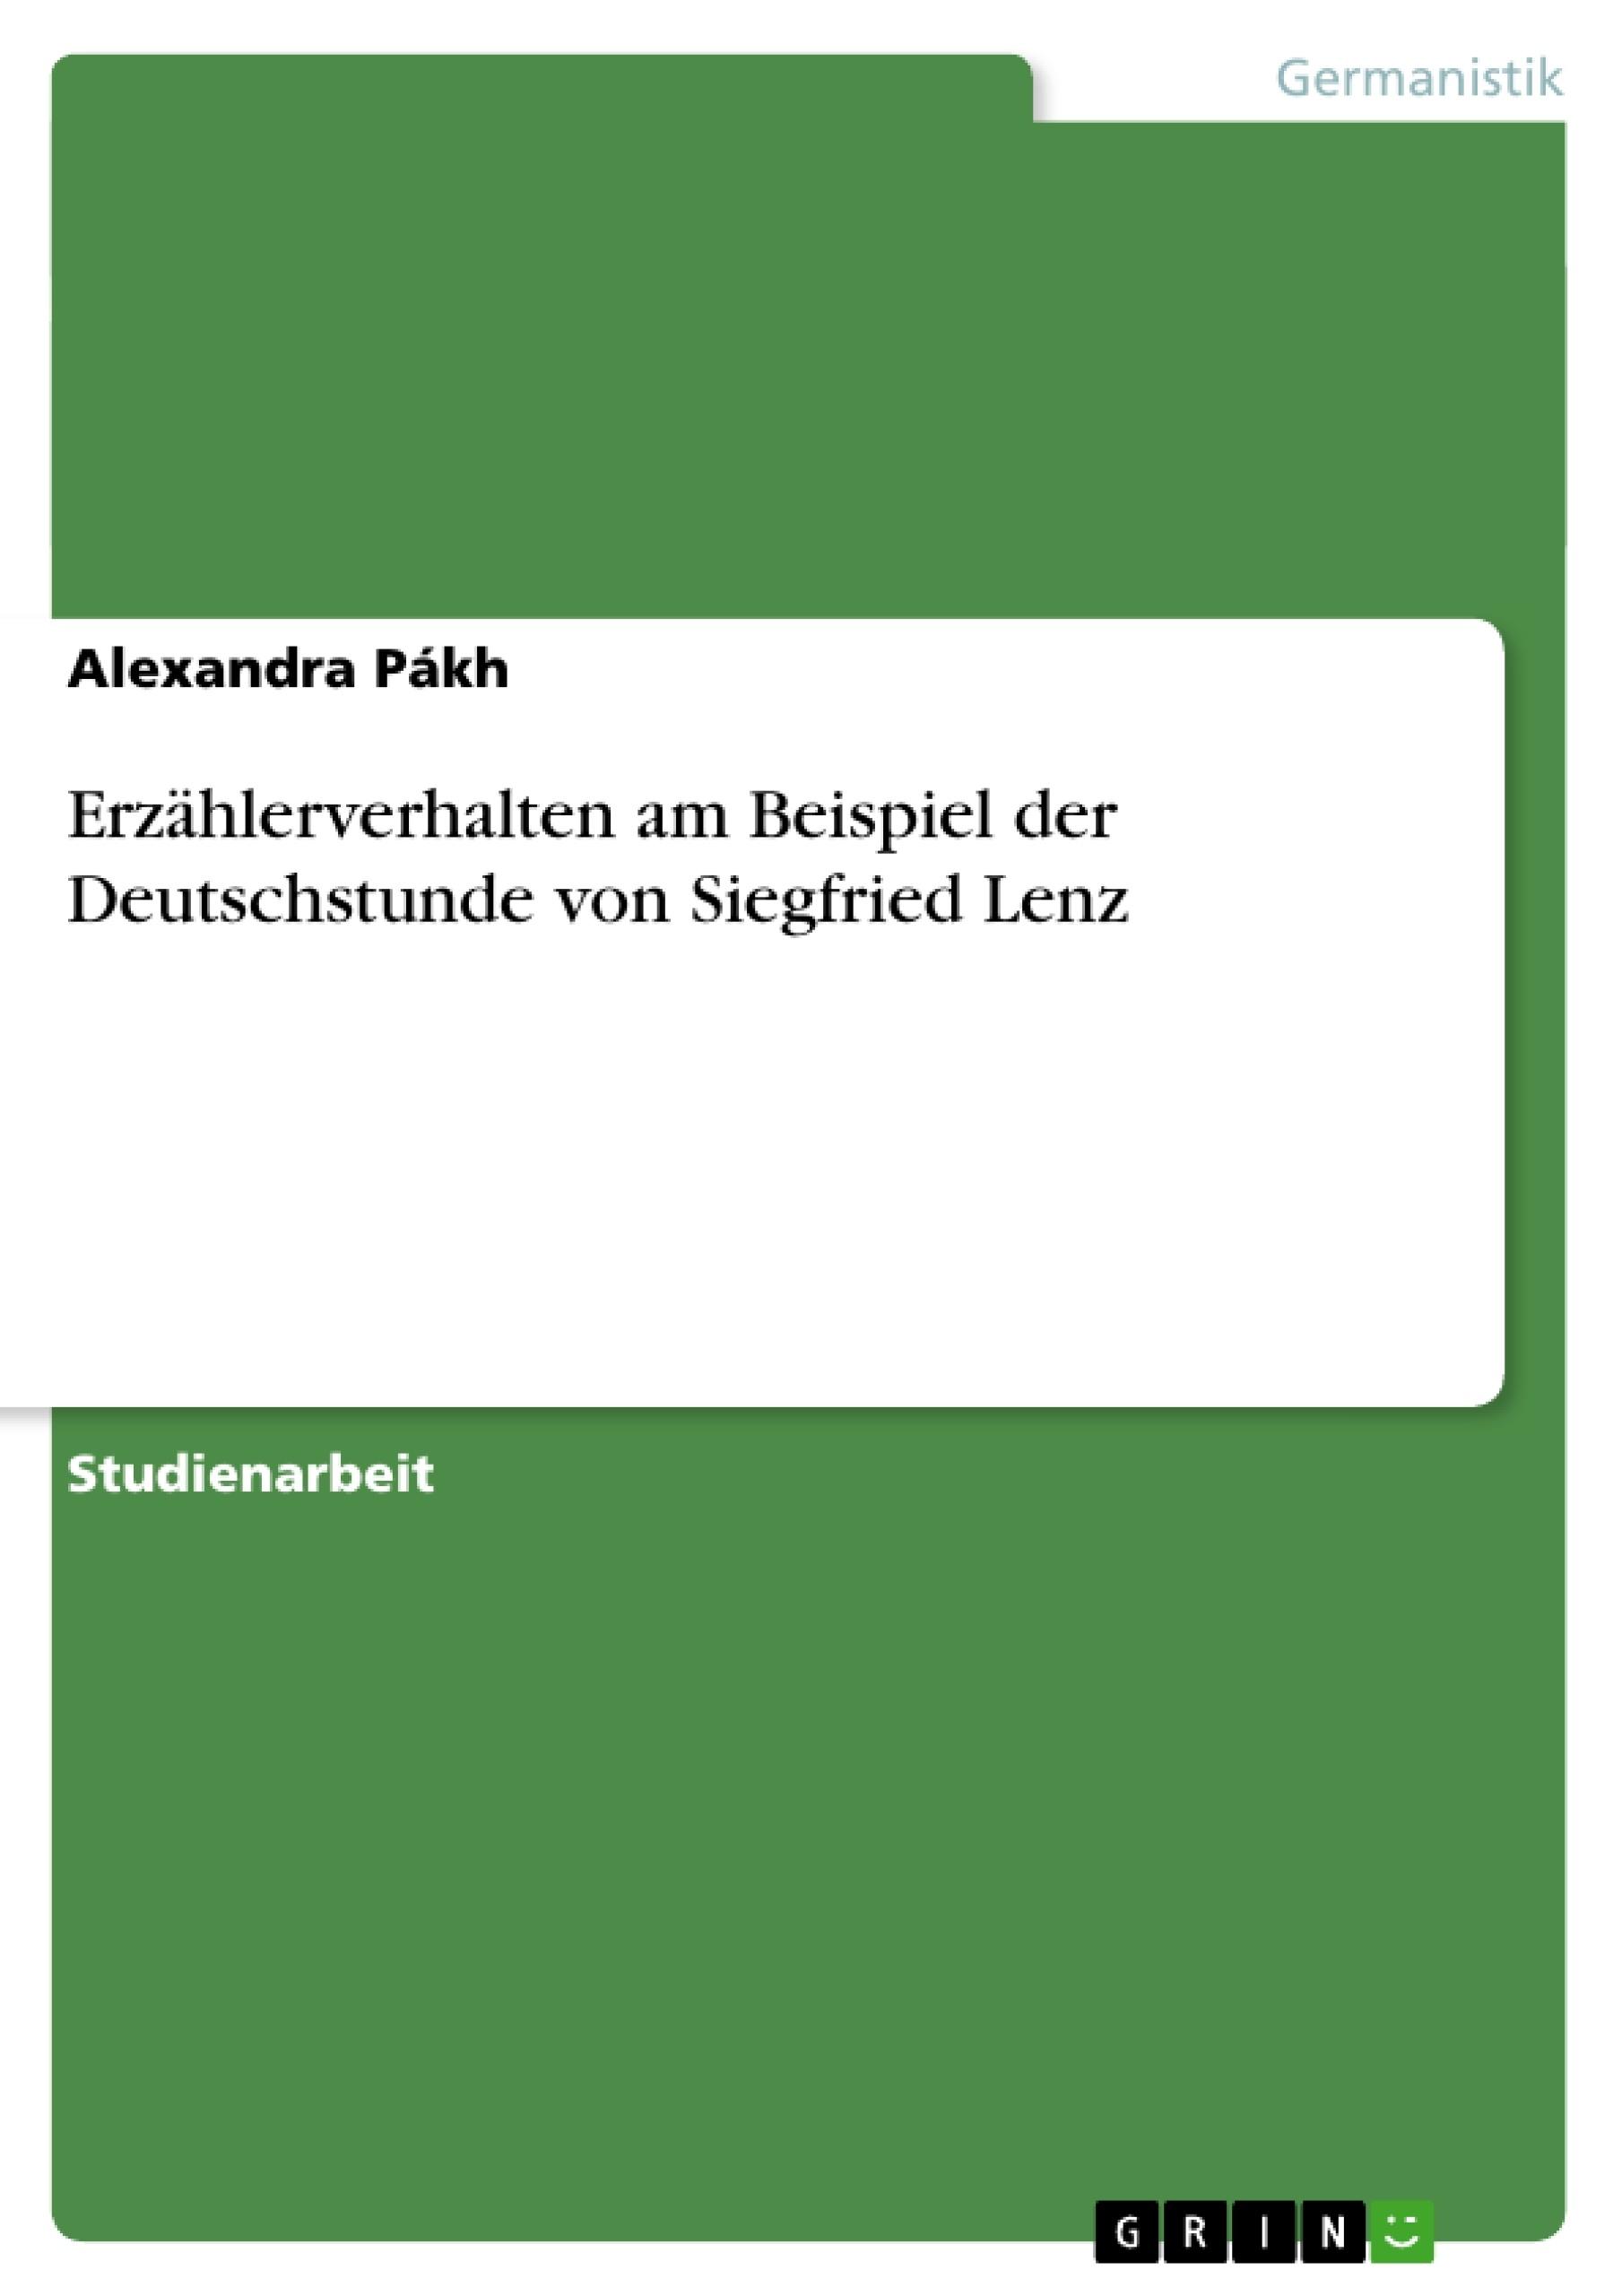 Titel: Erzählerverhalten am Beispiel der Deutschstunde von Siegfried Lenz